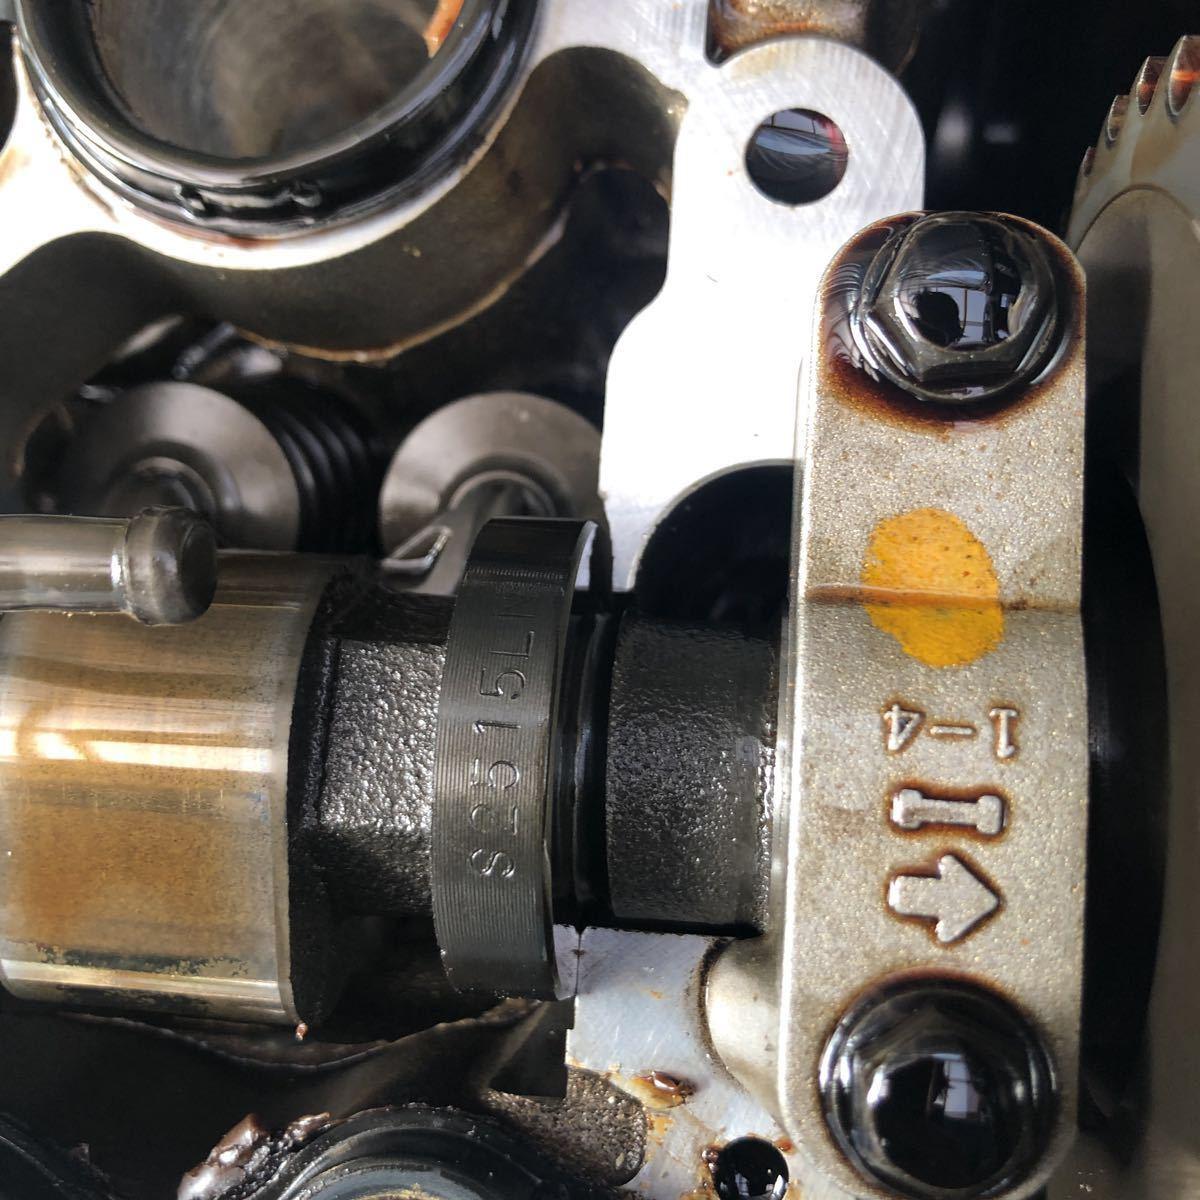 SR20 ターボエンジン S15 ヘッドガスケットメタル 社外カム エンジンのみ シルビア_画像2